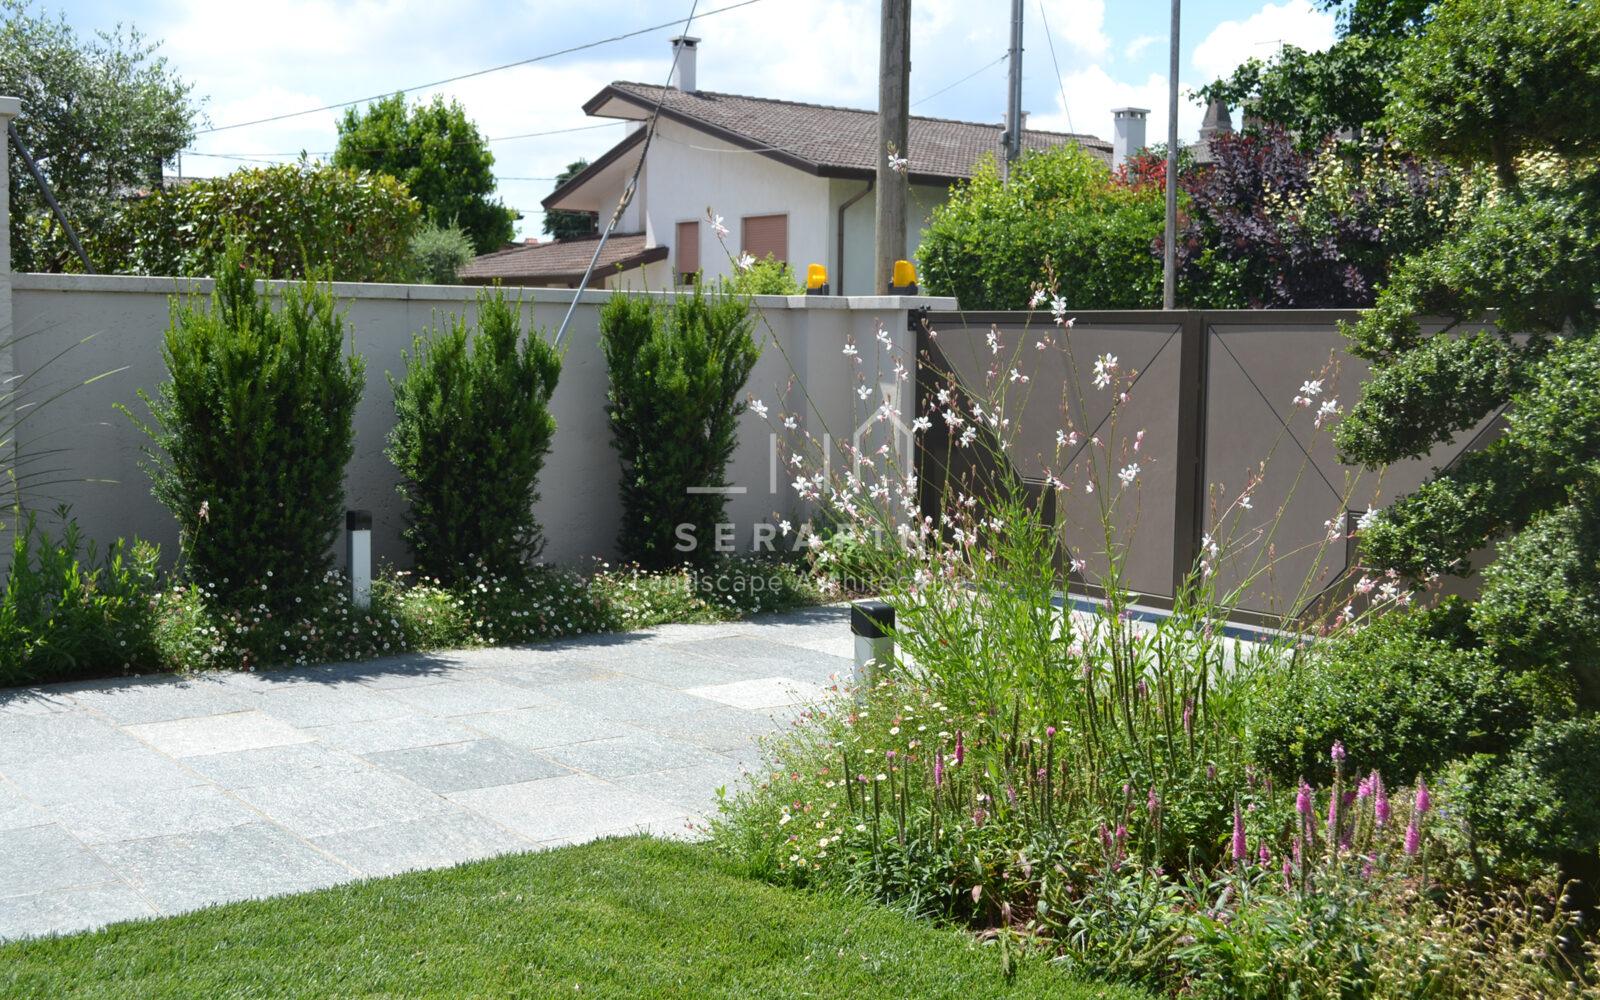 giardino privato a Bassano del Grappa - 1